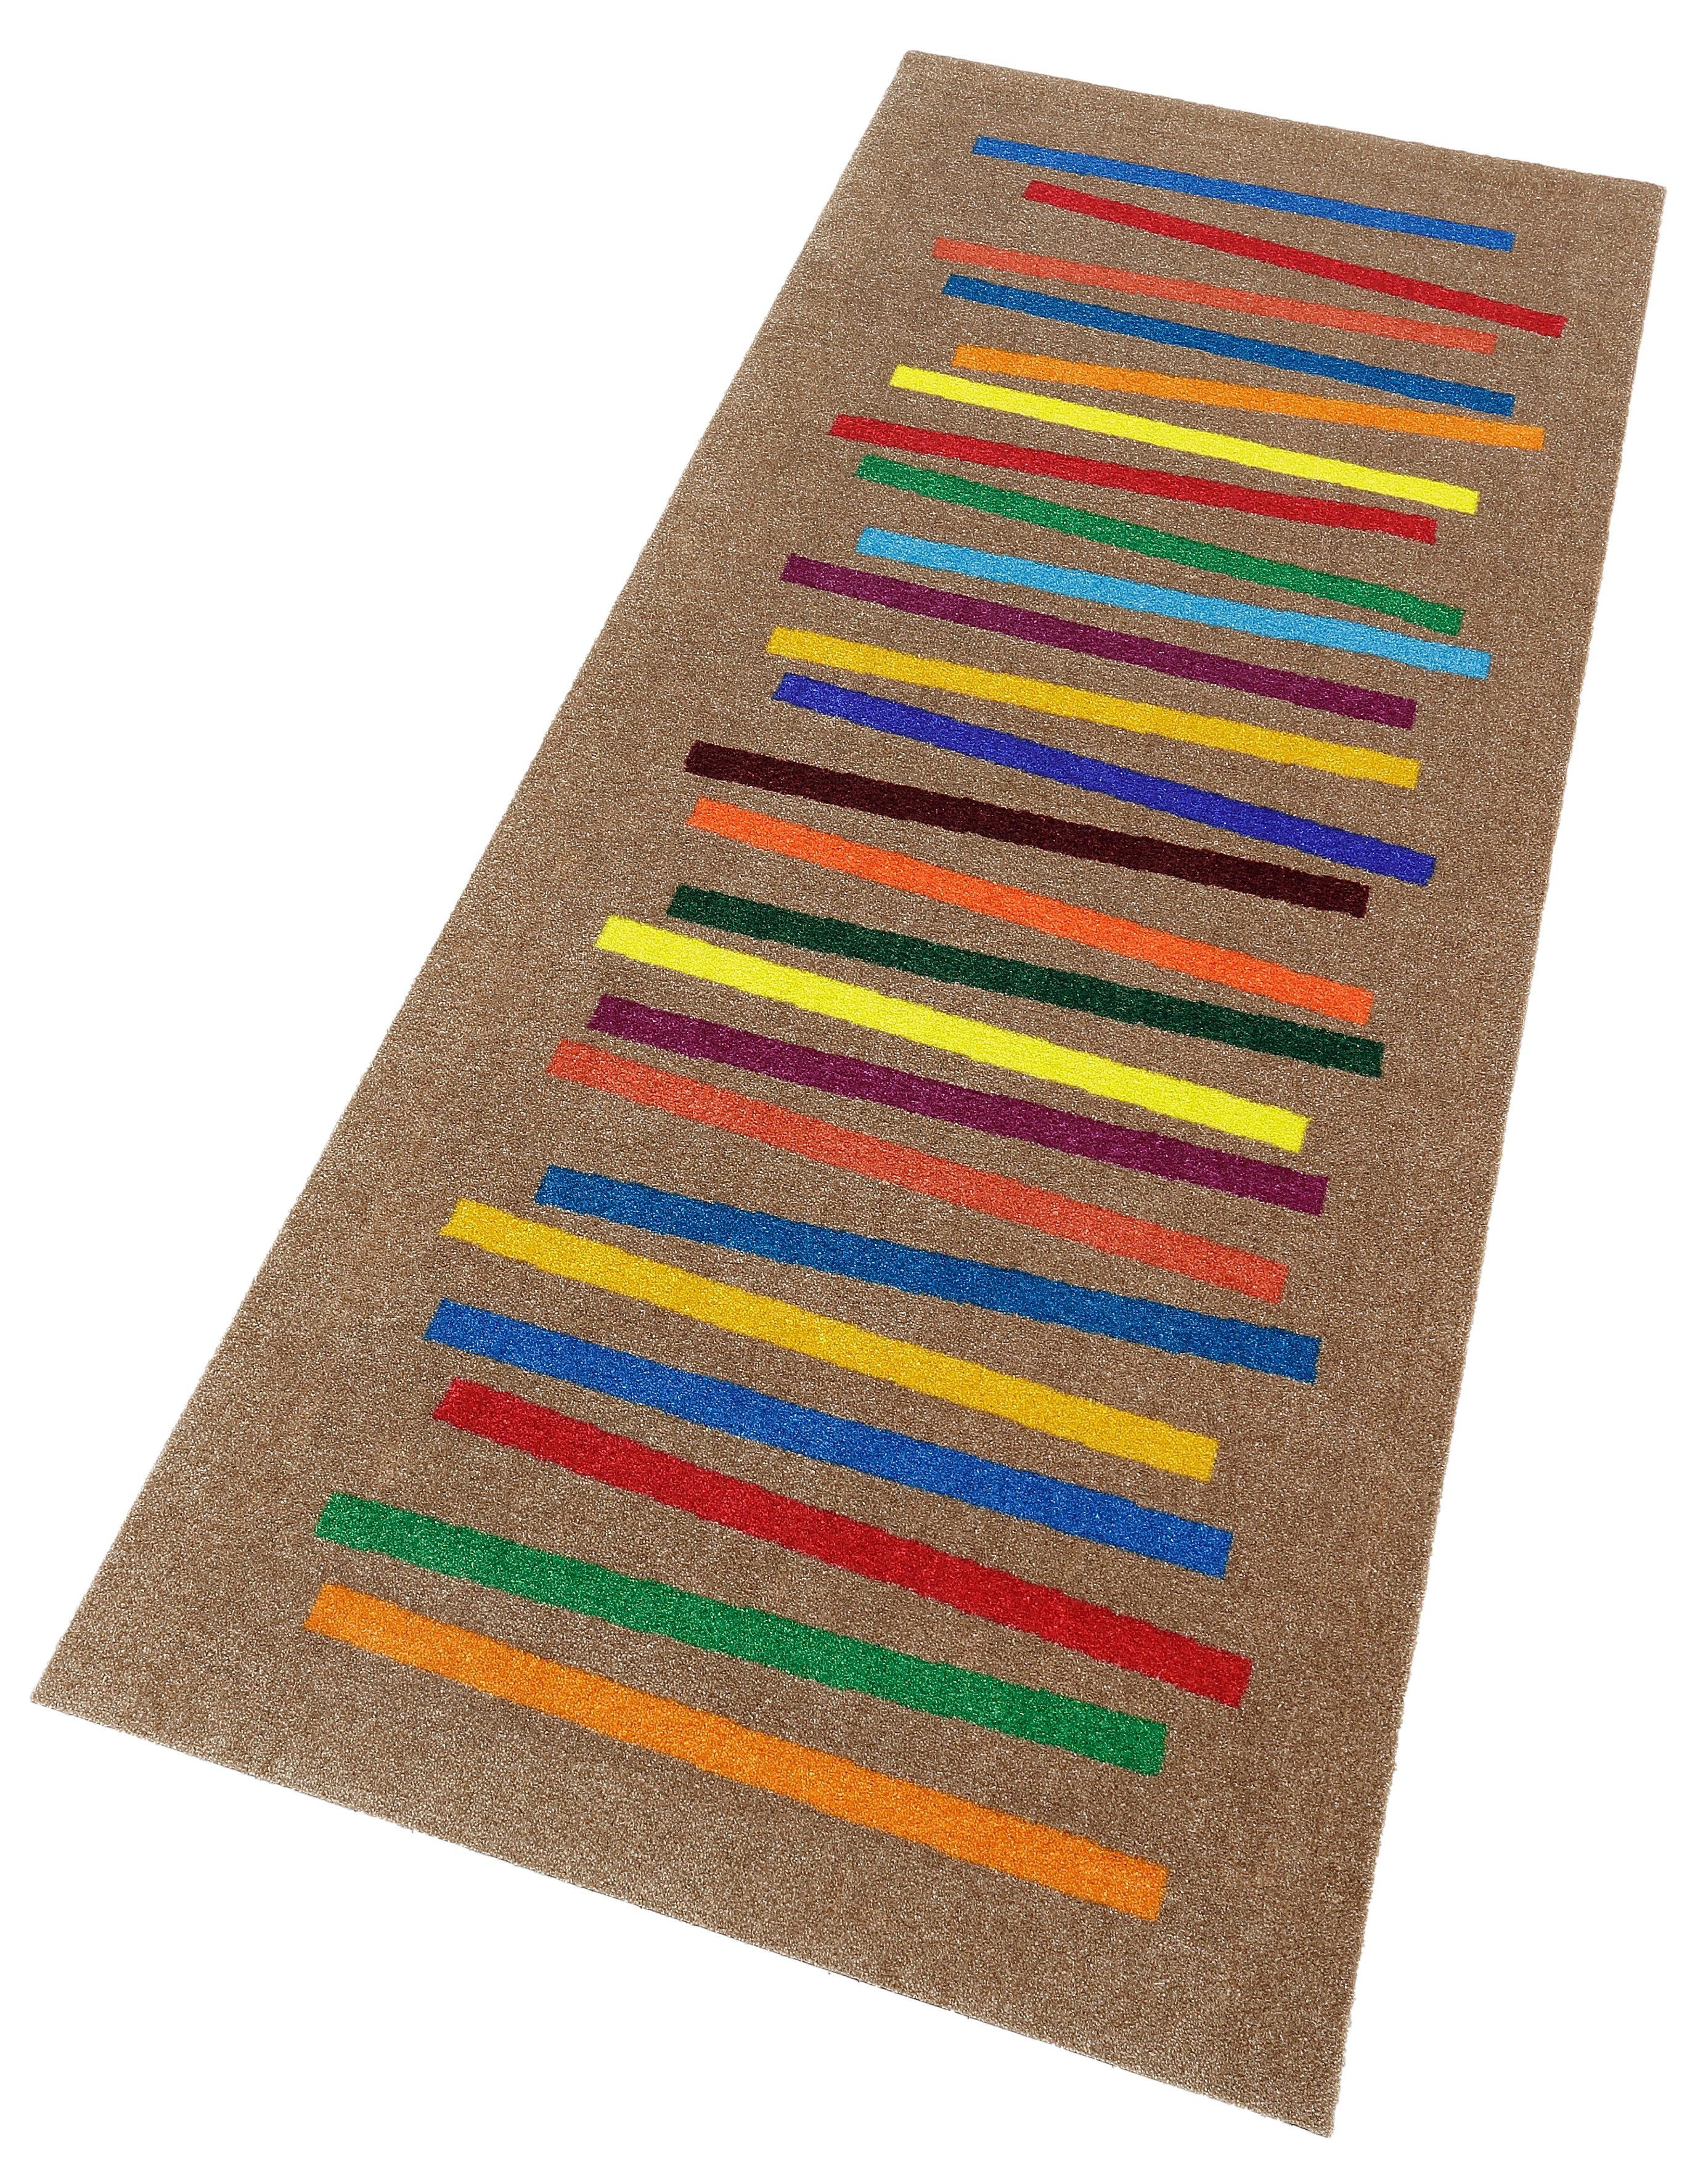 Läufer Mixed Stripes wash+dry by Kleen-Tex rechteckig Höhe 9 mm gedruckt